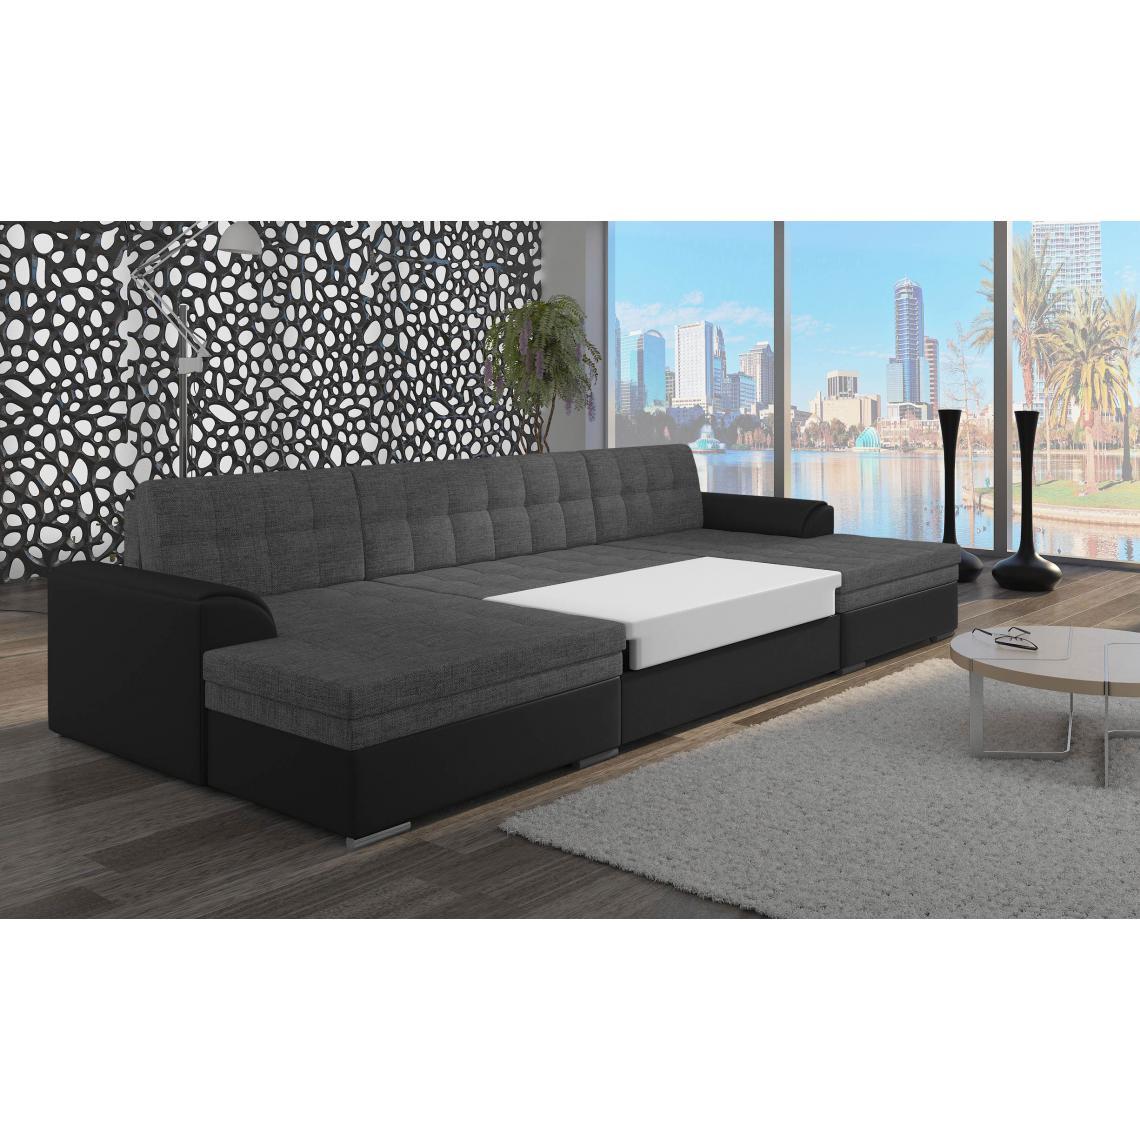 canap d 39 angle u convertible gris et noir valar 3 suisses. Black Bedroom Furniture Sets. Home Design Ideas